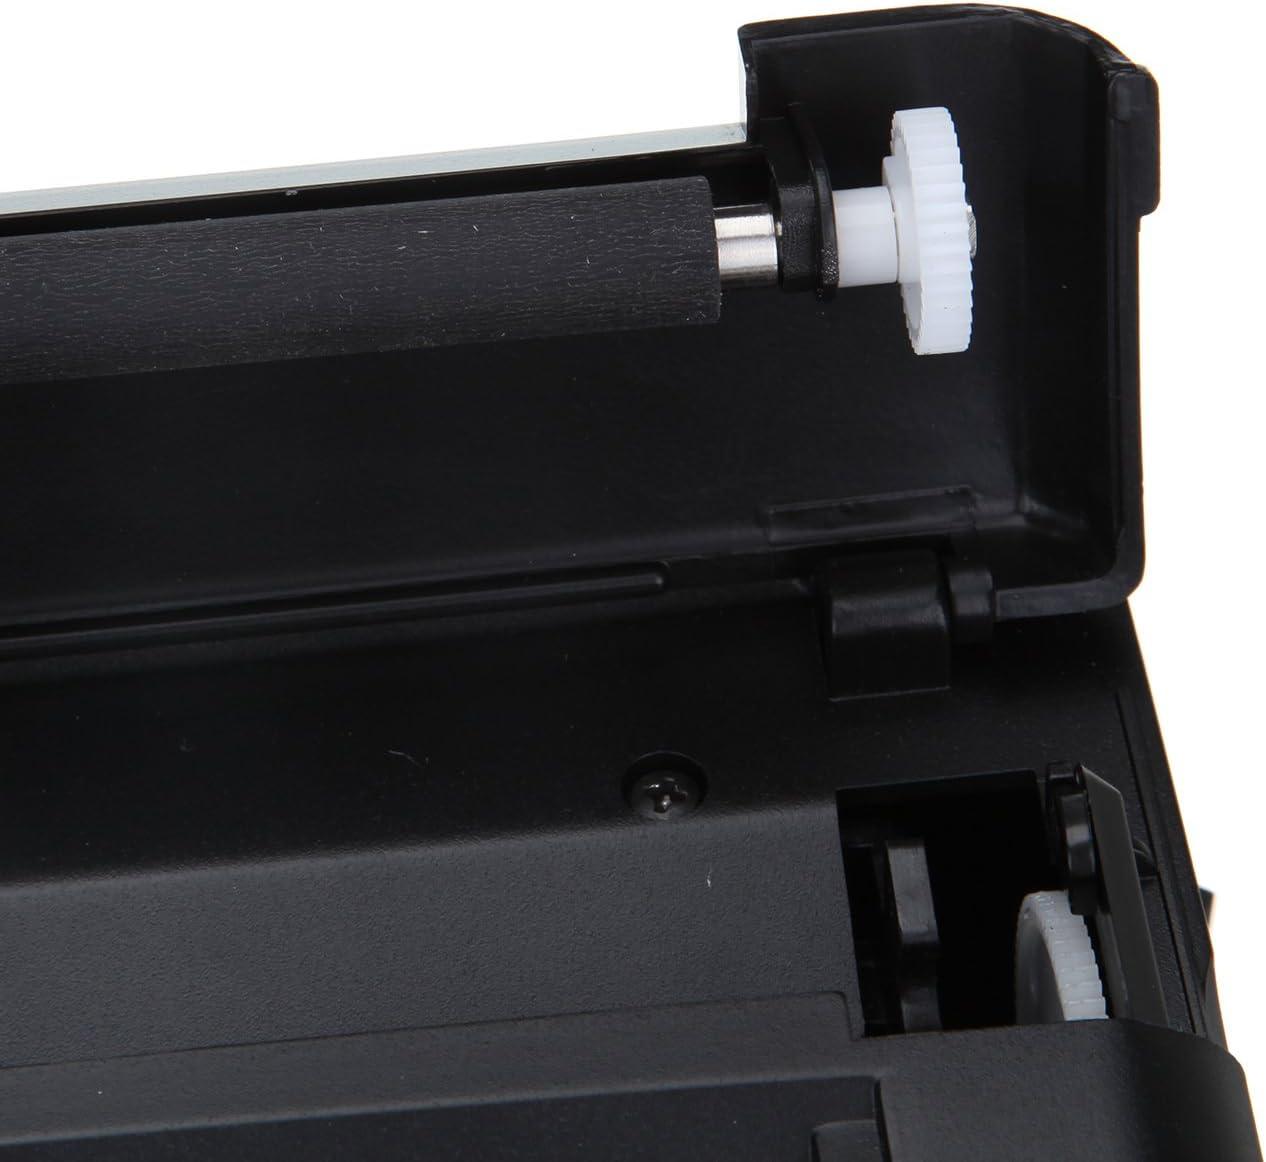 Ridgeyard Thermal Tattoo Transfer Copier Printer Machine Black ...